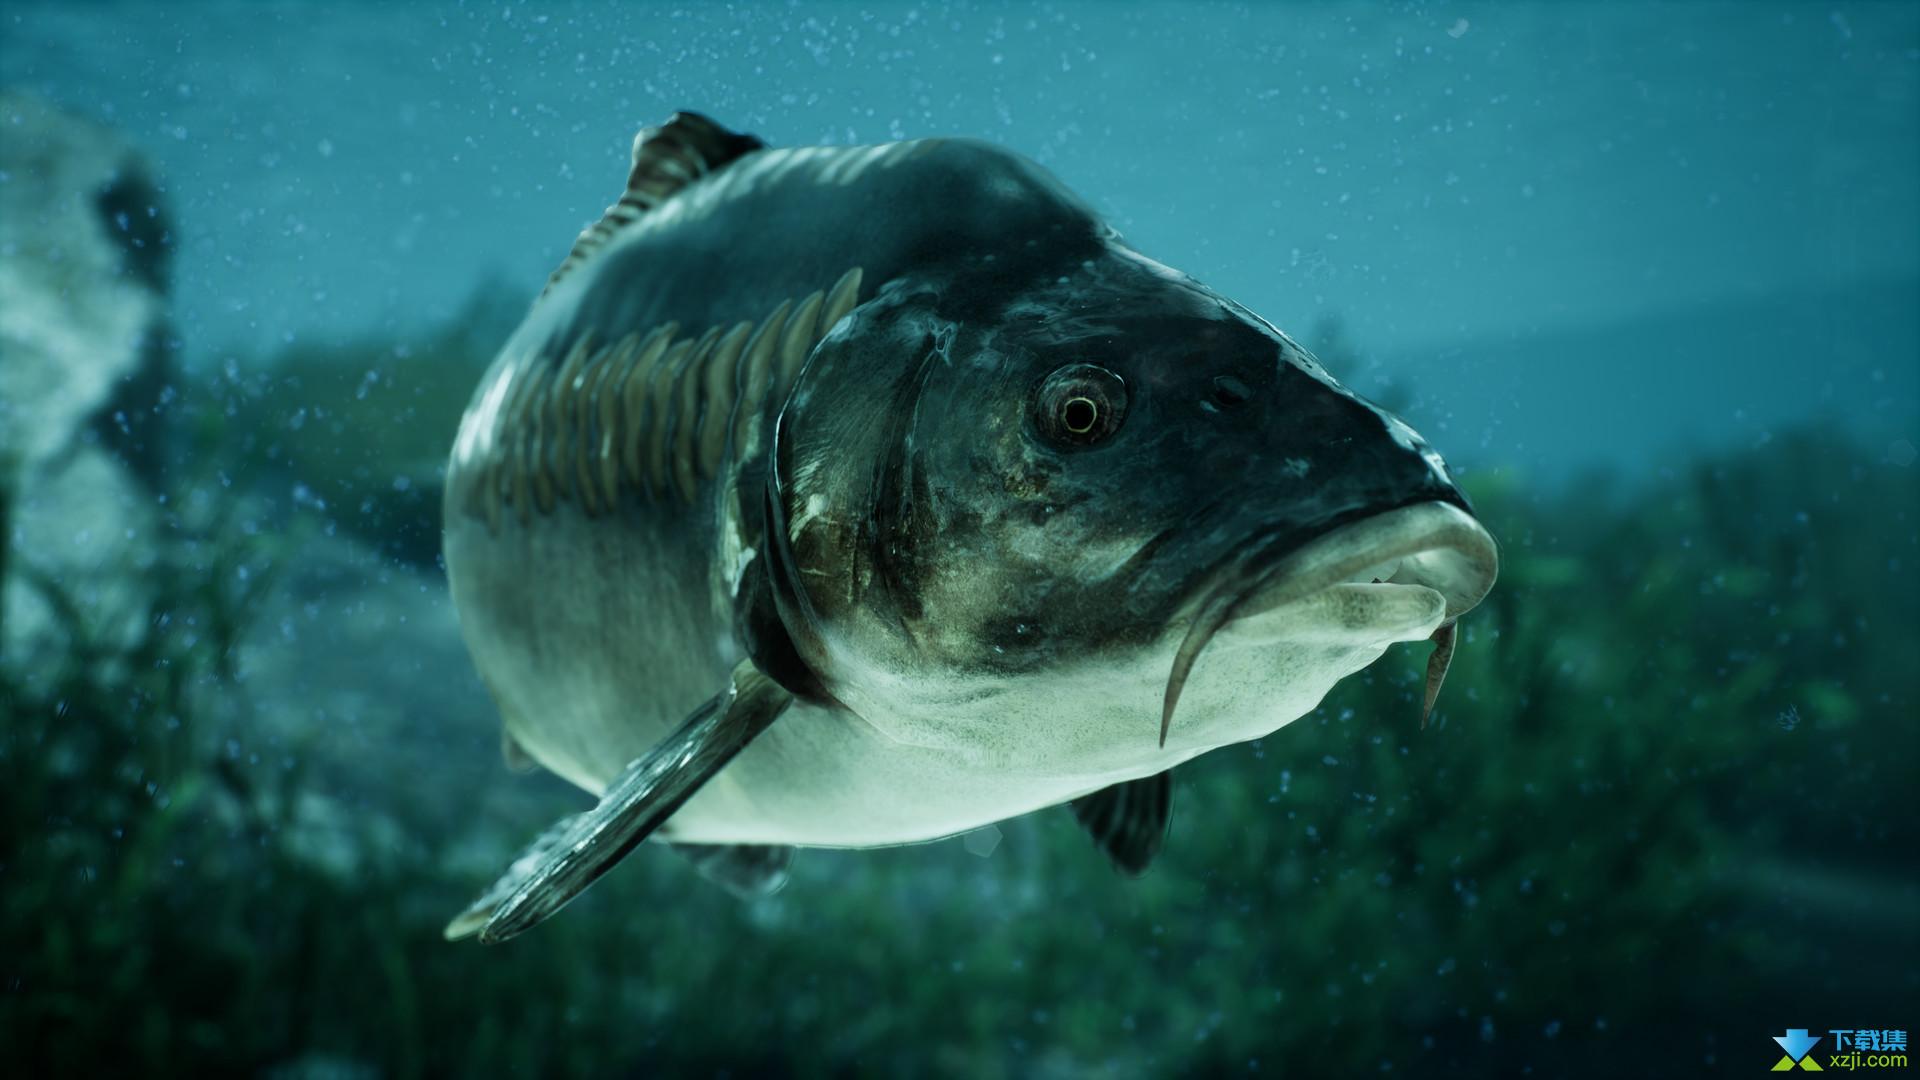 捕获物鲤鱼和大鱼界面2